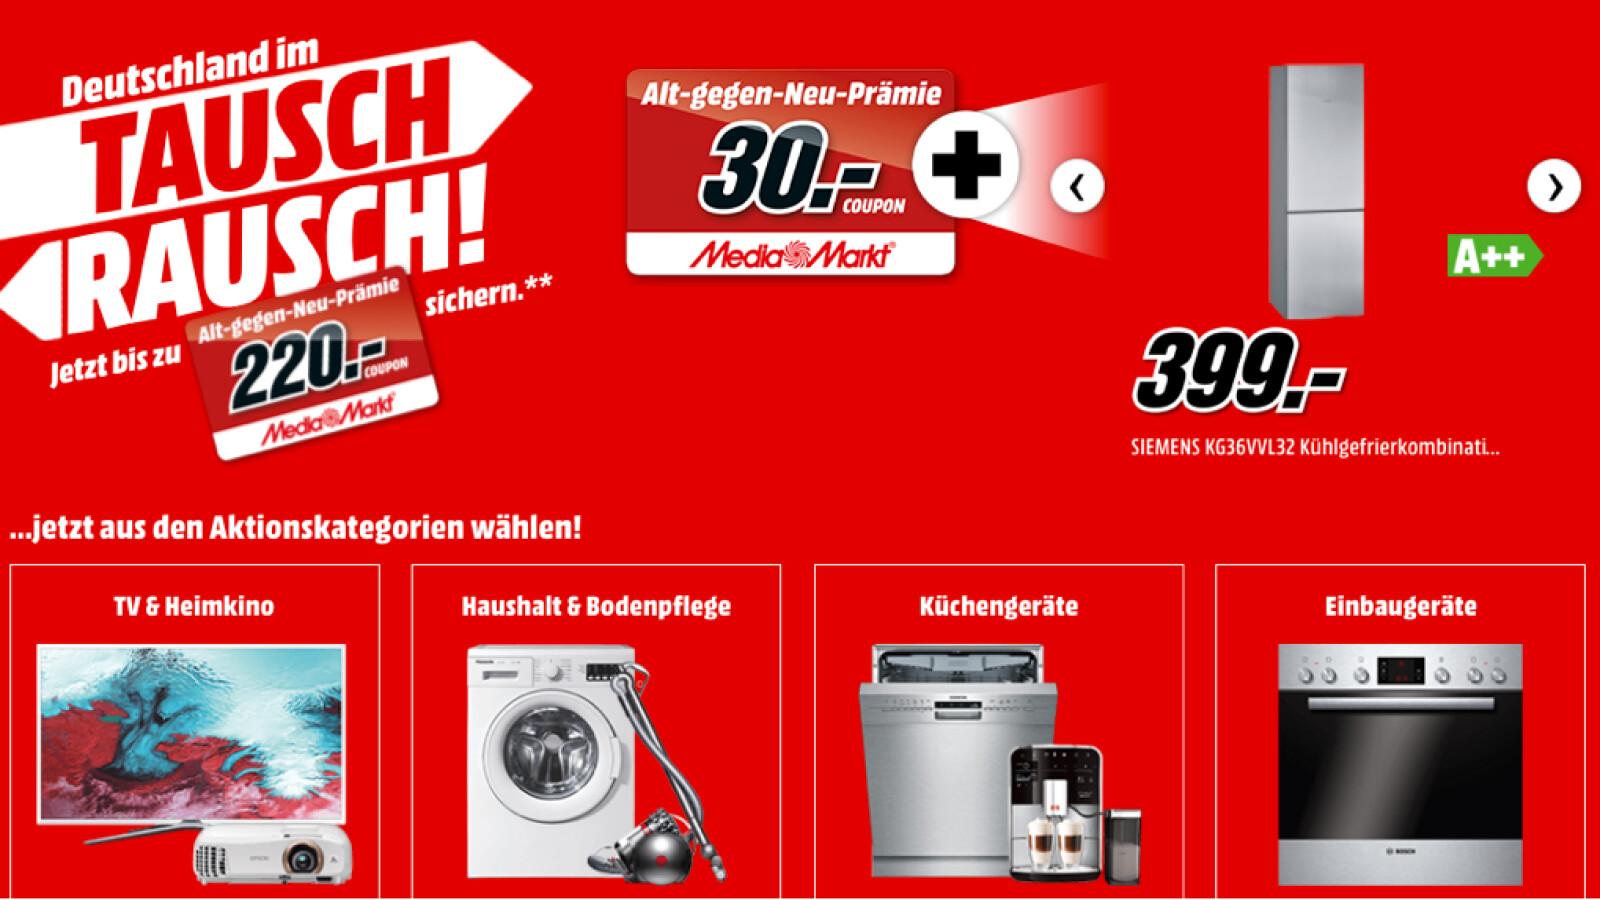 Media Markt-Aktion: Gutscheine im Wert von 220 Euro sichern - NETZWELT